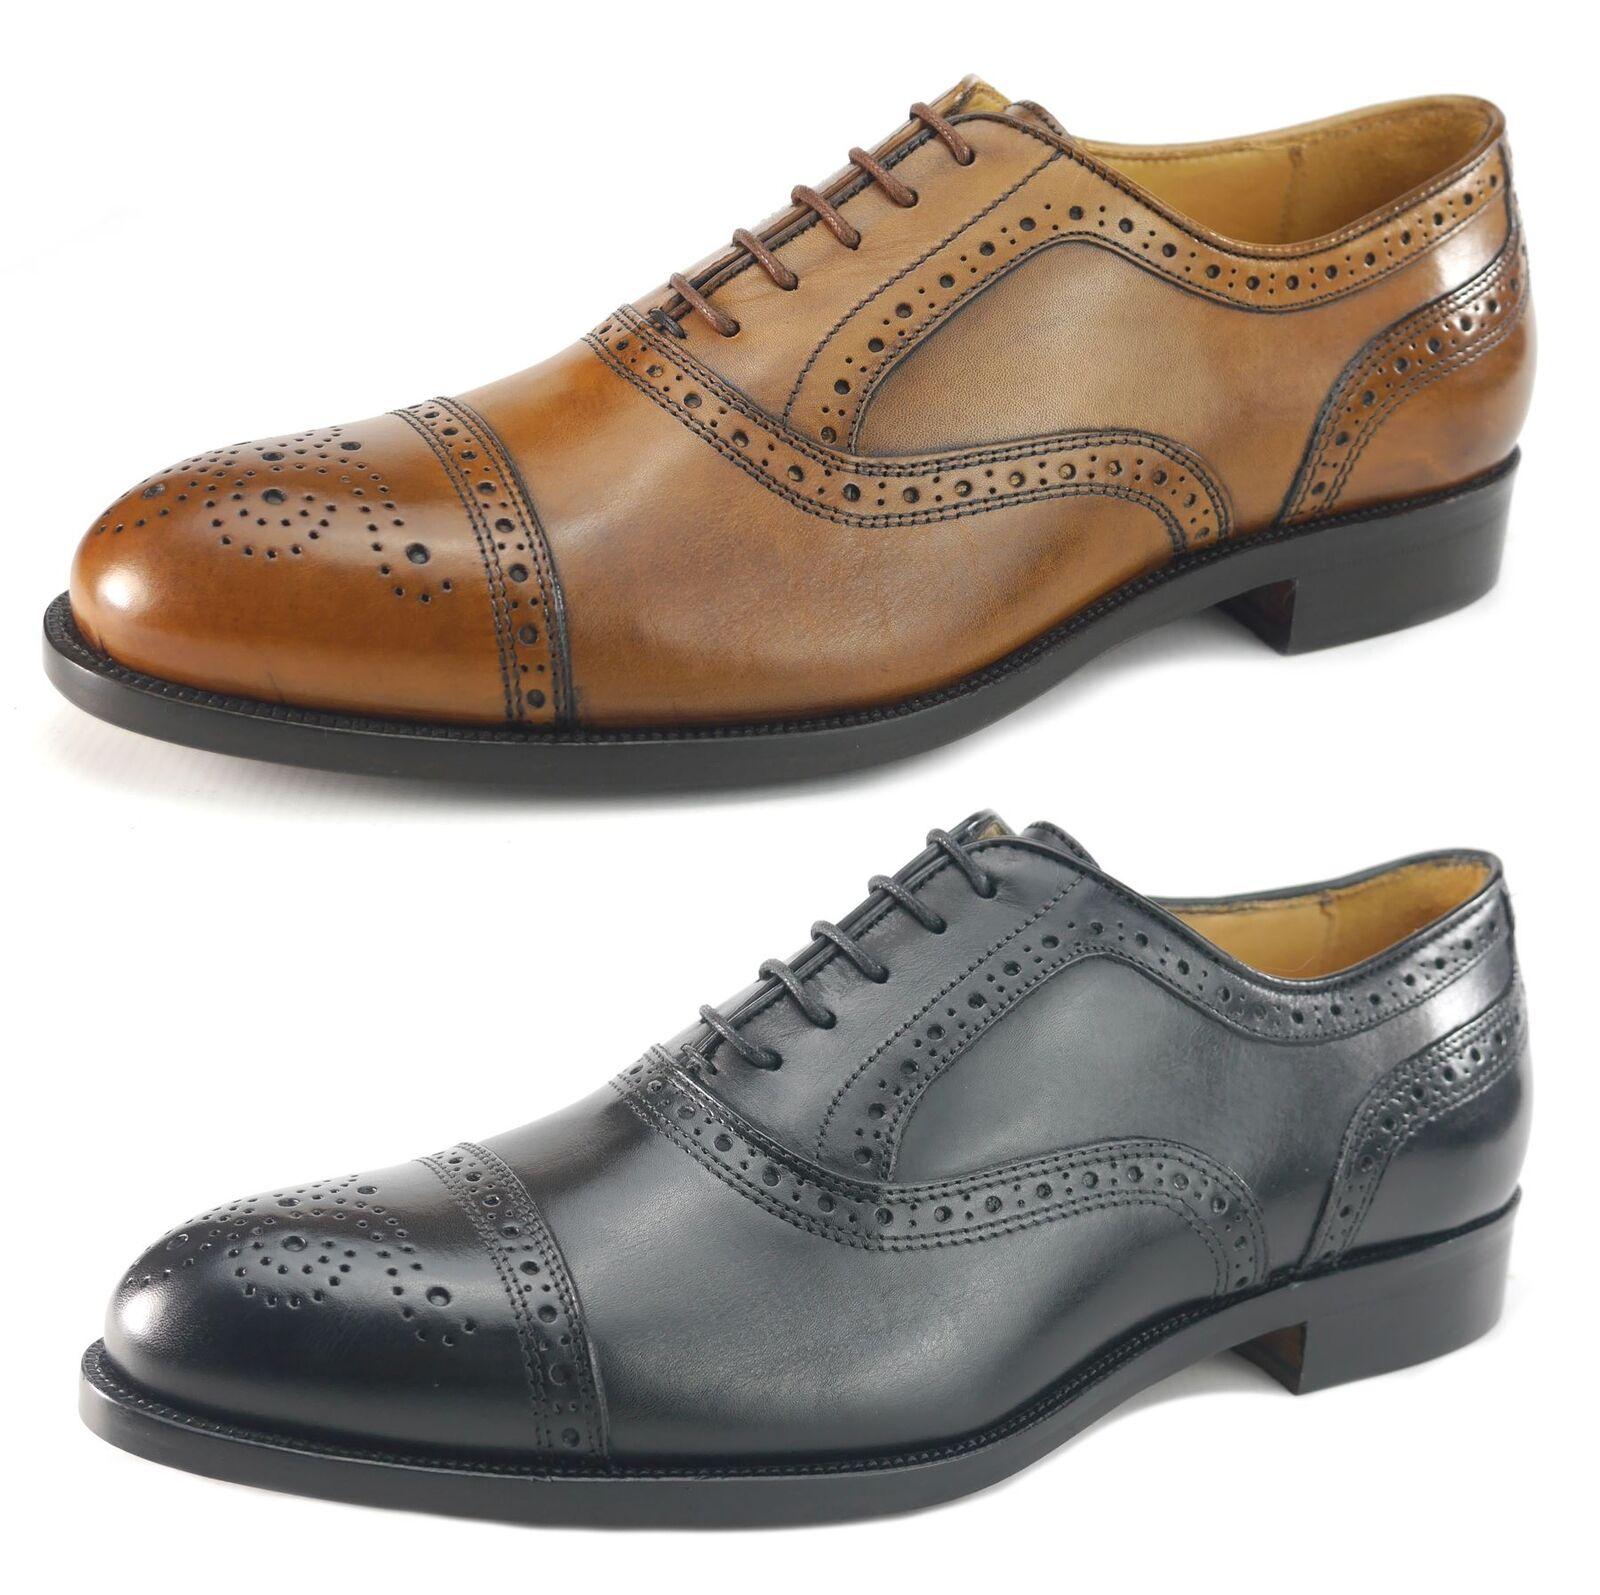 Mercanti Fiorentini homme lacets tout cuir richelieu à oxford tan ou chaussures noires